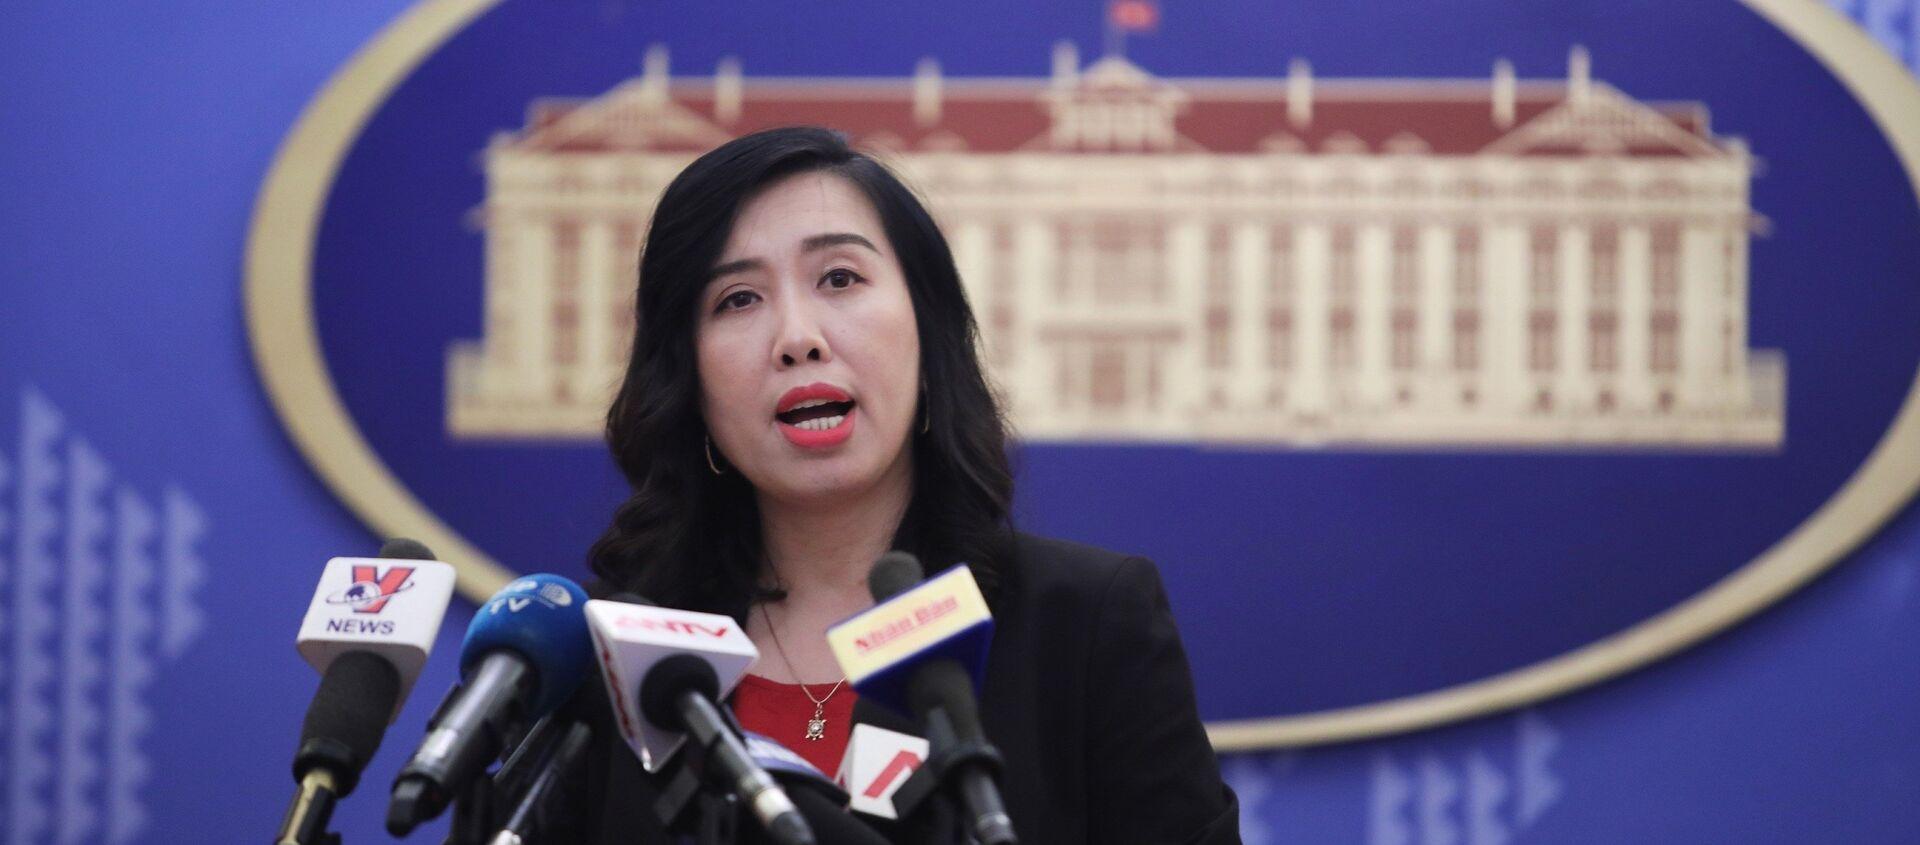 Người phát ngôn Bộ Ngoại giao Lê Thị Thu Hằng - Sputnik Việt Nam, 1920, 08.06.2018